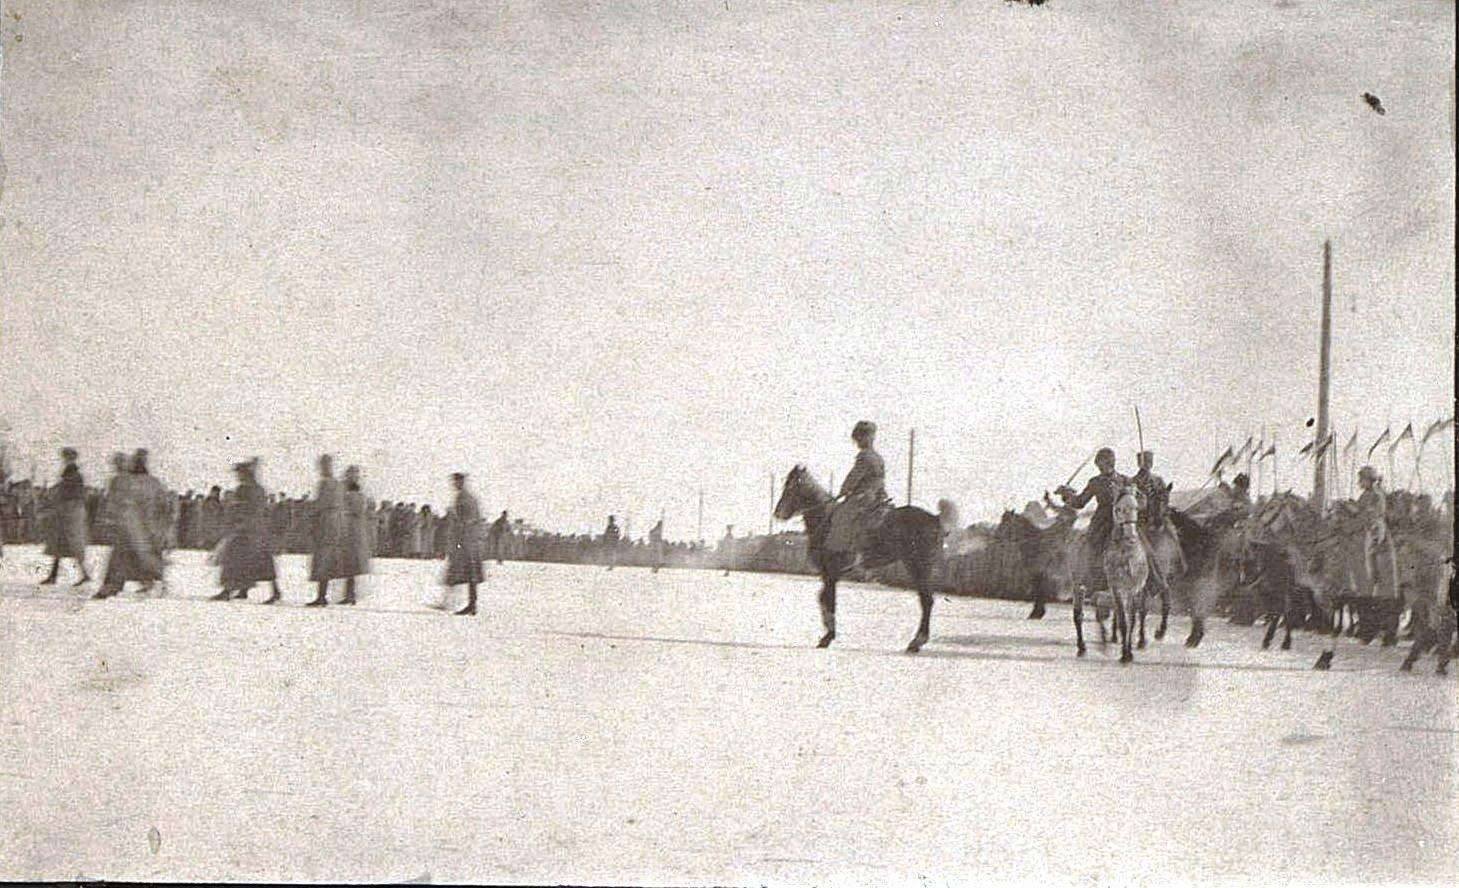 Польский парад. Ново-Николаевск. 1919